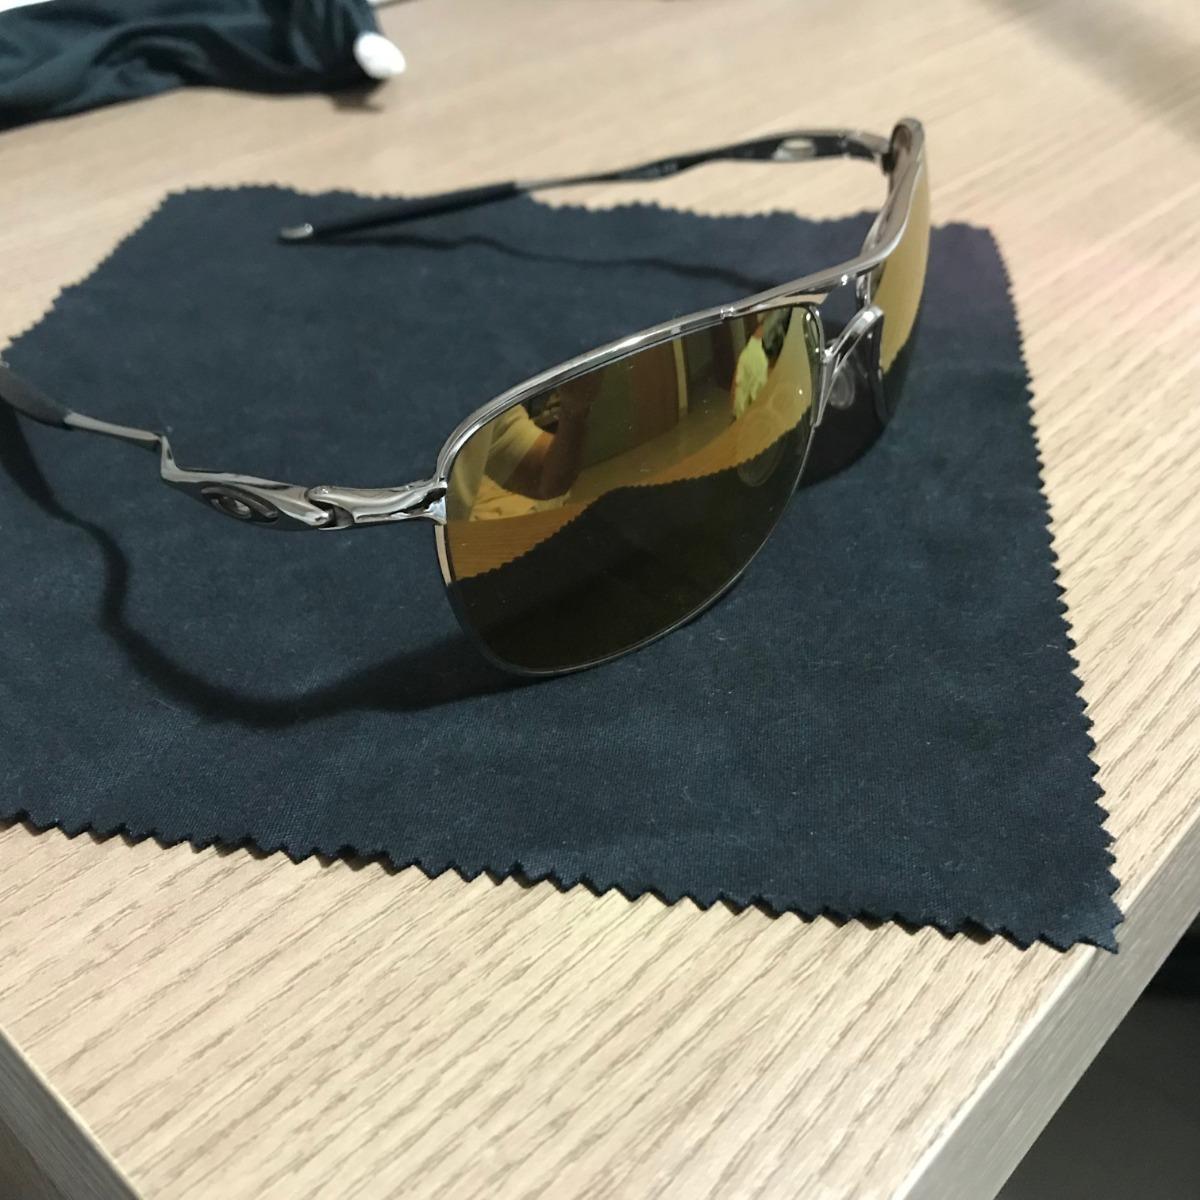 b28e114080d7d Oakley Crosshair Oo4060 02 Prata Lente Preto Iridium - R  250,00 em ...